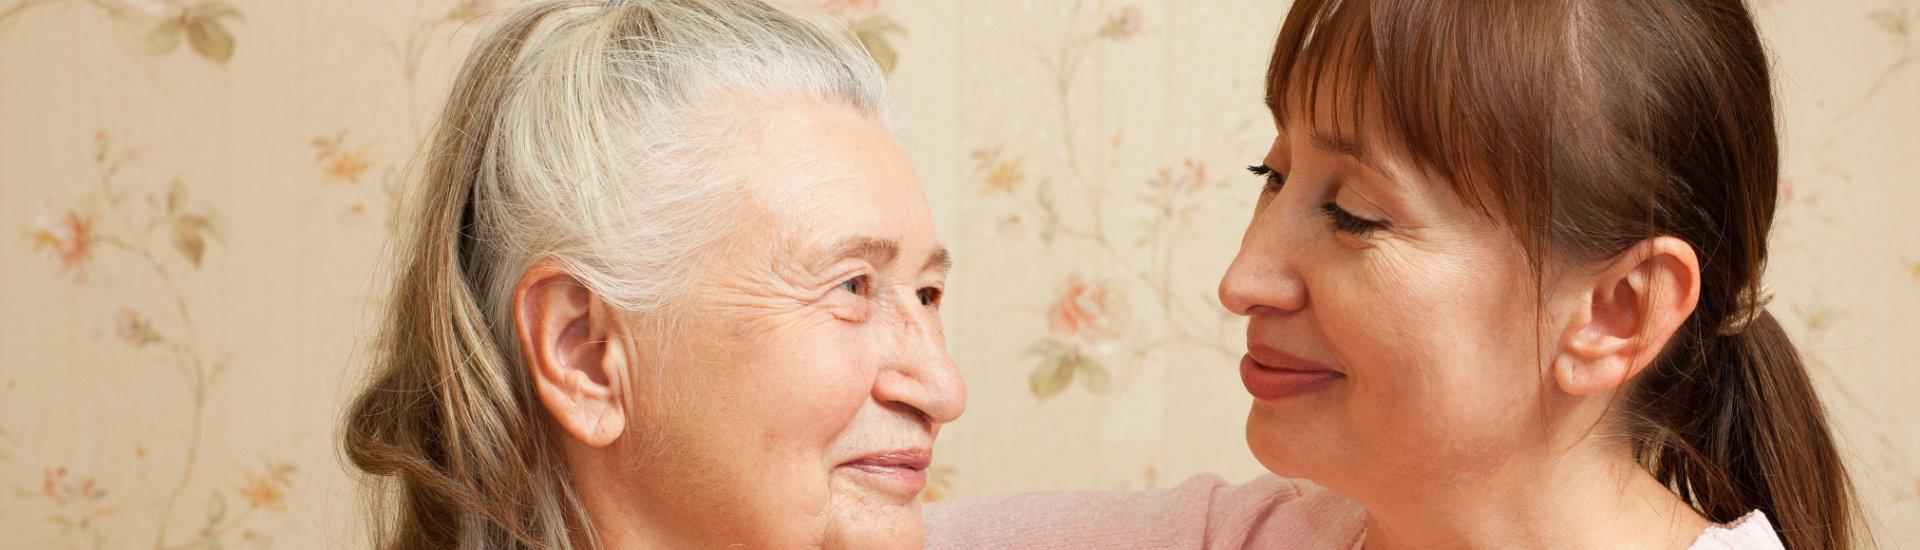 Persönliche vor Ort Beratung Private Seniorenbetreuung: Sicher betreut von Anfang an